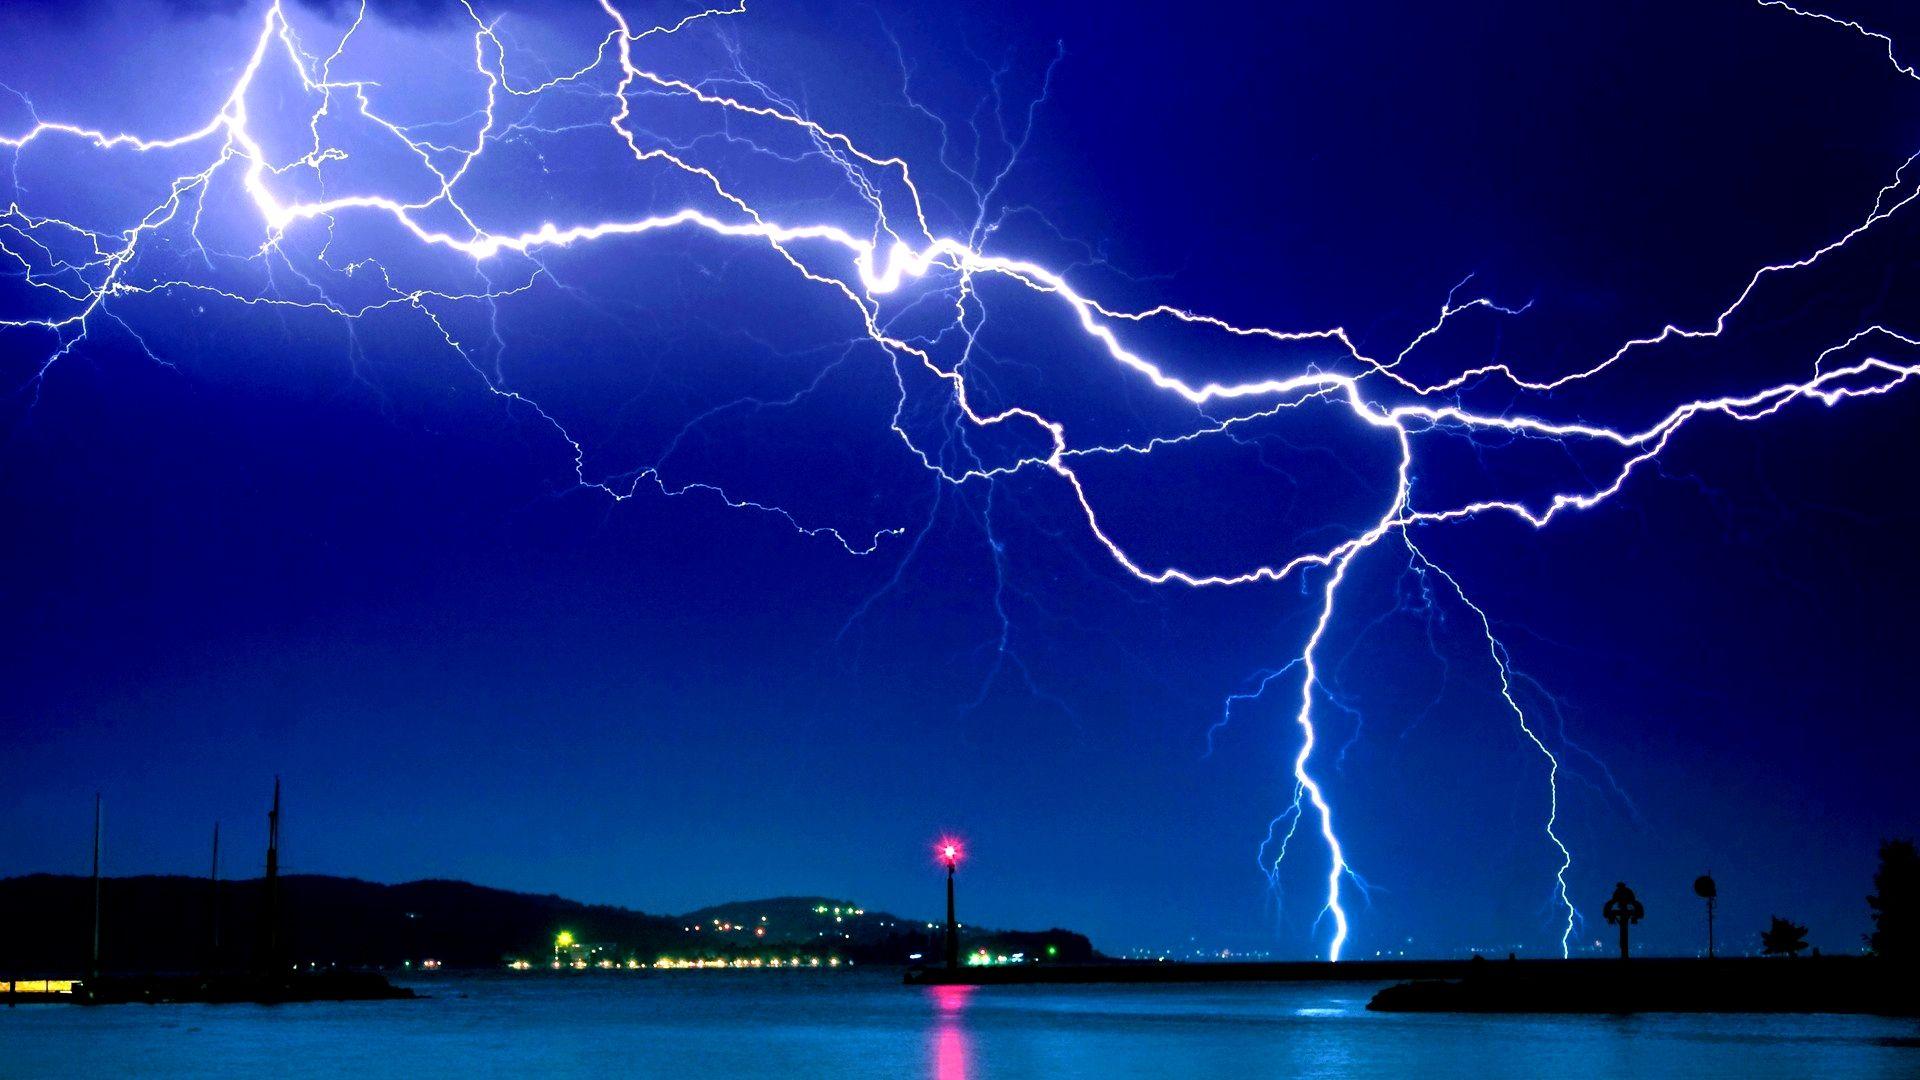 Amazing lightning wallpaper for desktop high resolution - Lighting strike wallpaper ...